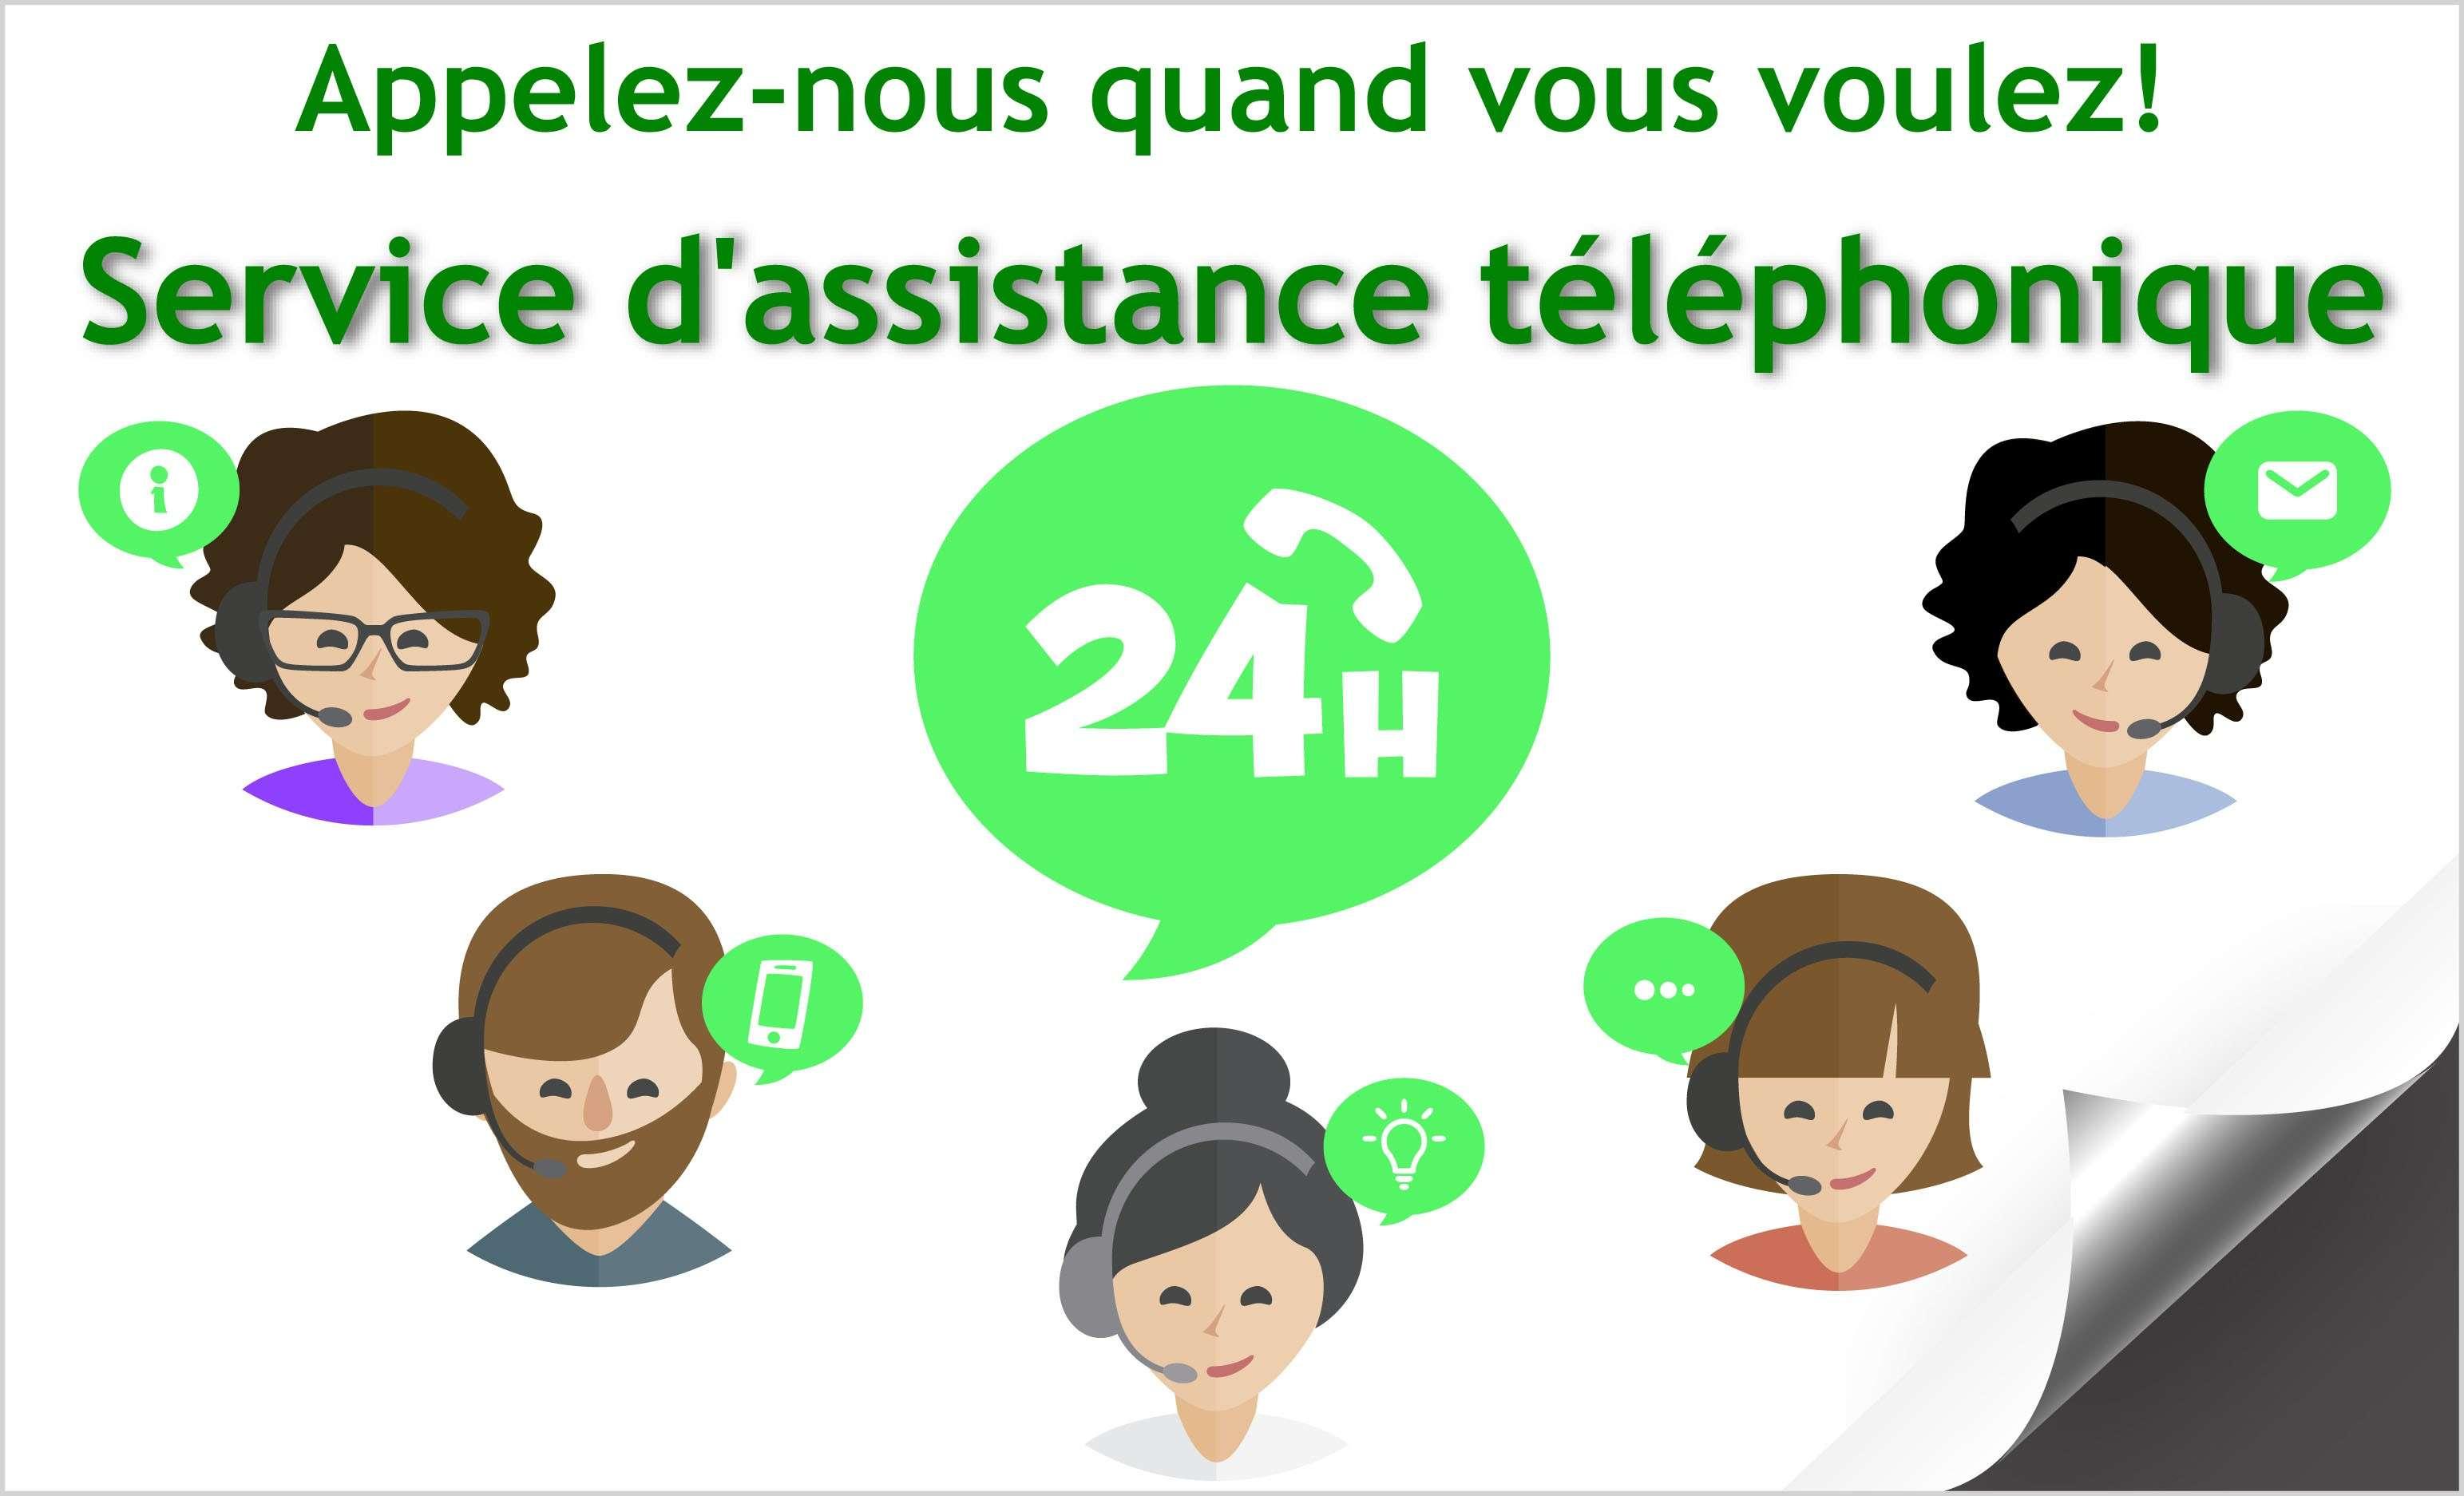 Service d'assistance téléphonique 24 heures sur 24